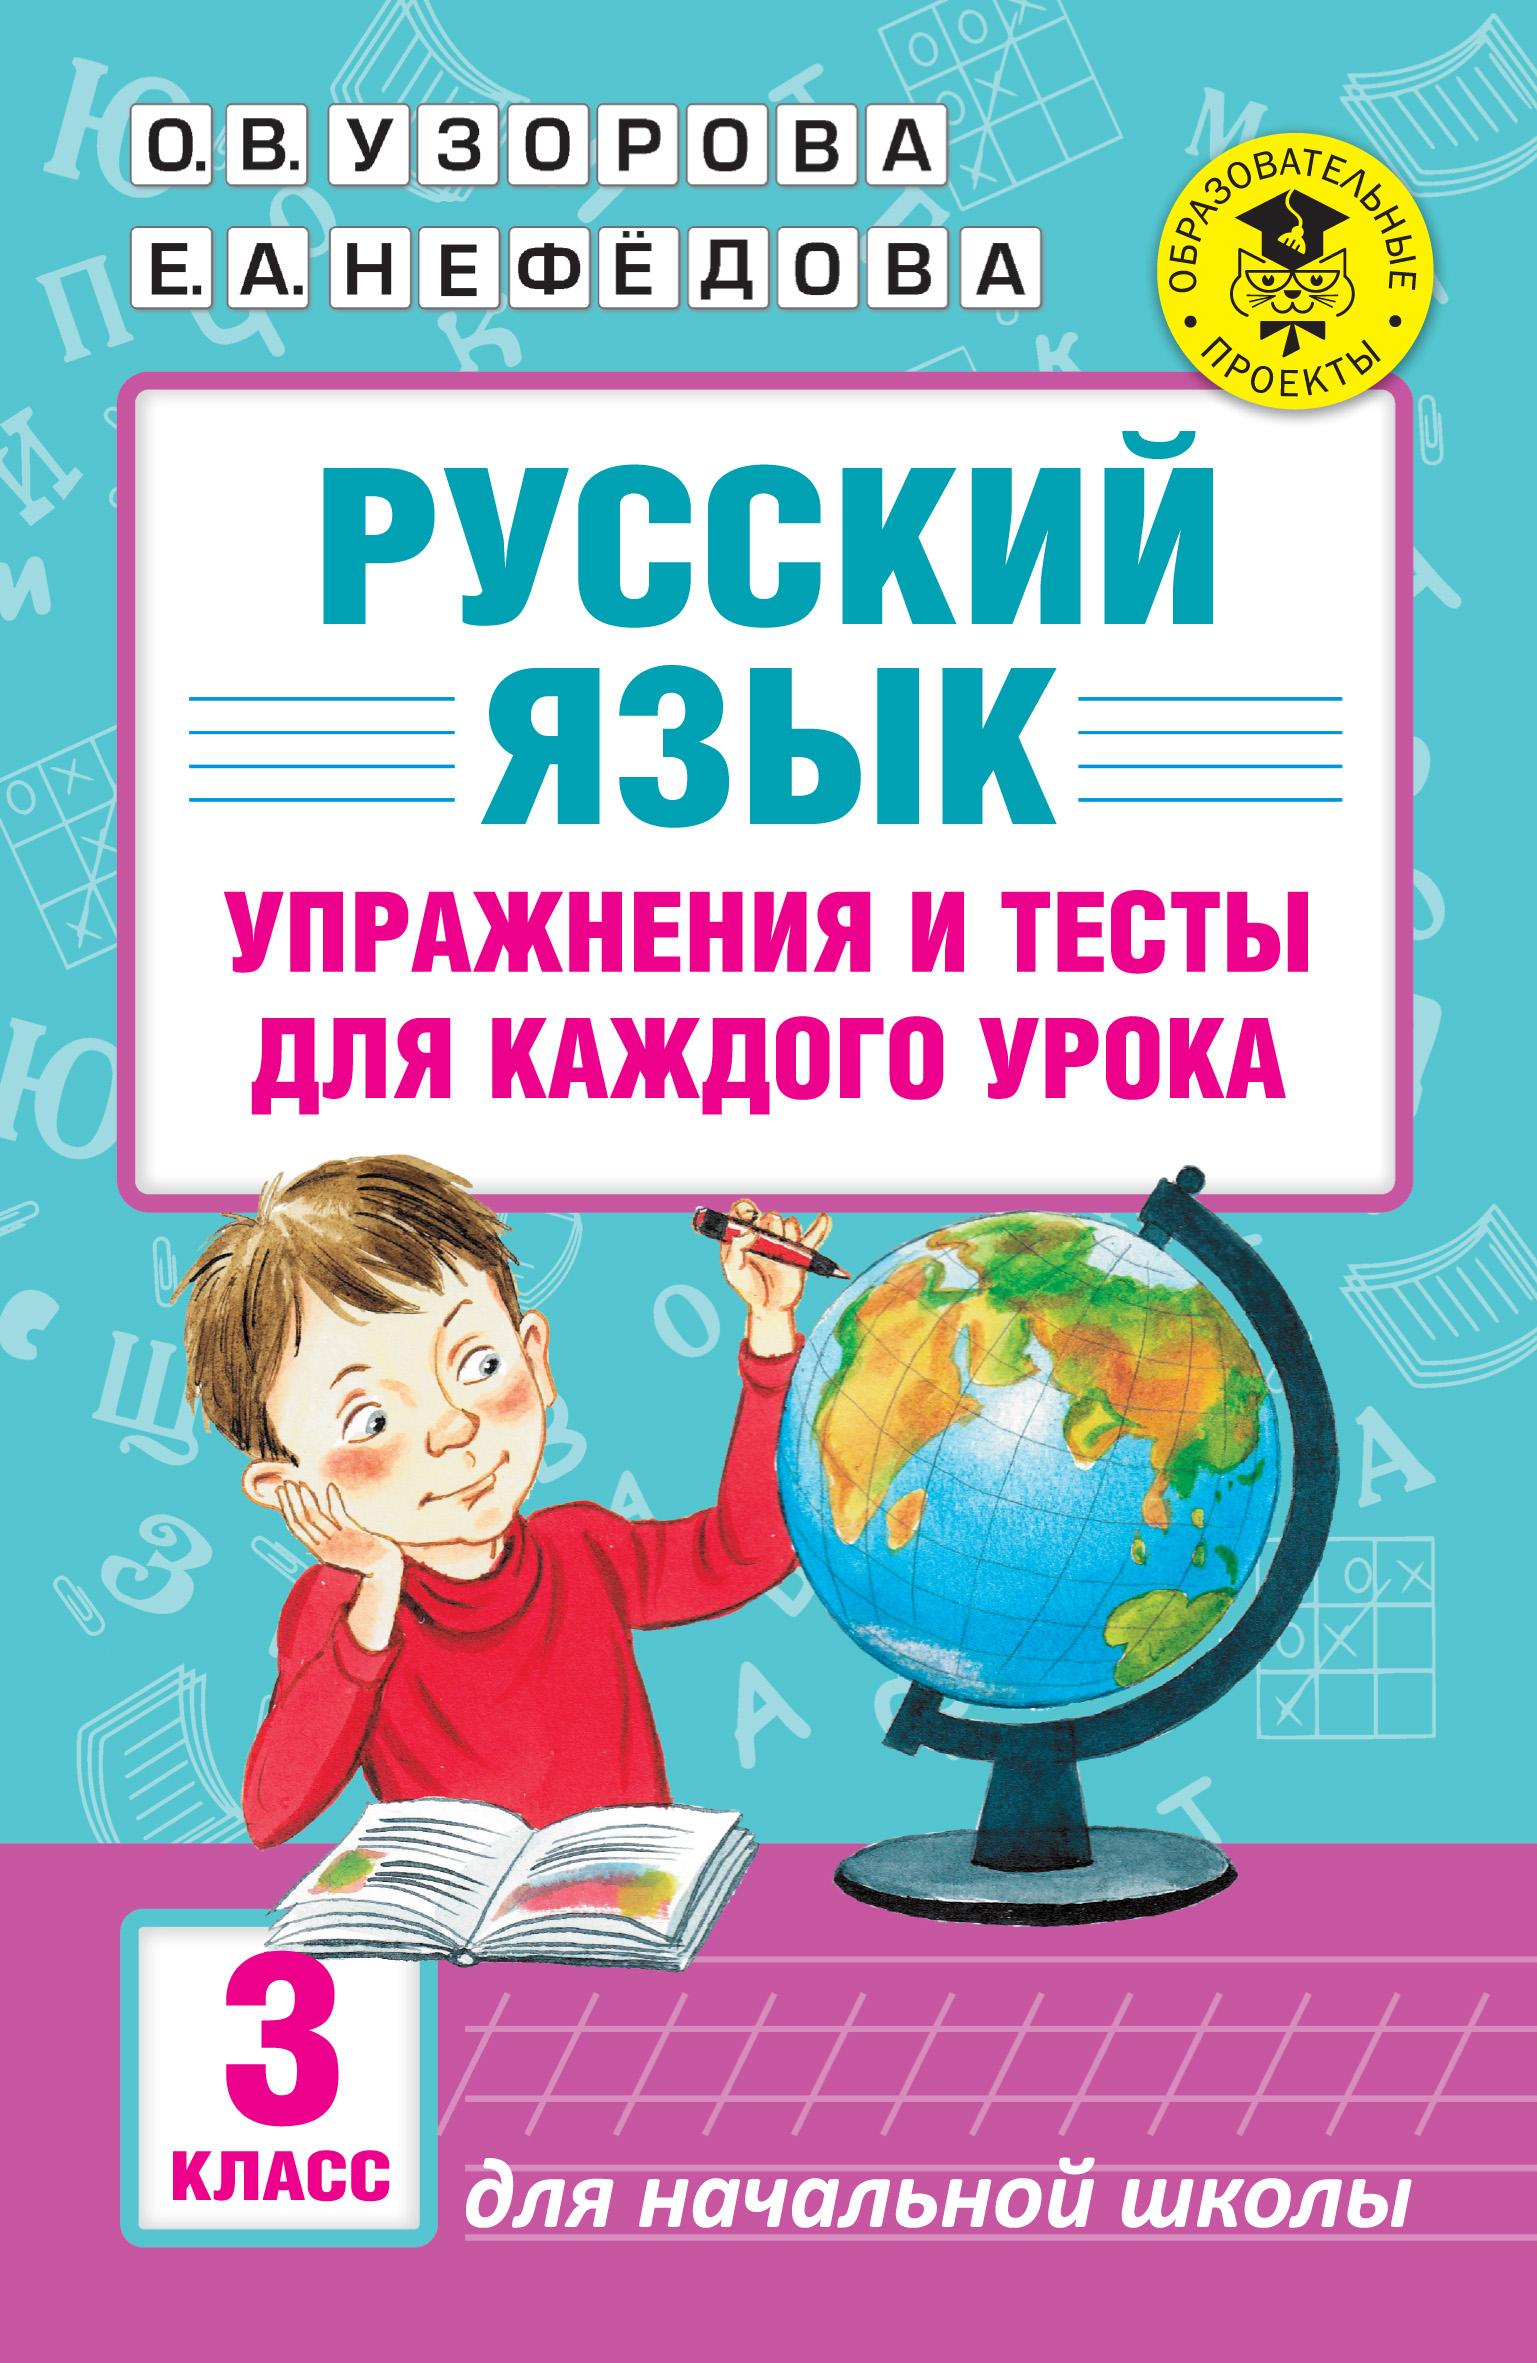 цена на О. В. Узорова Русский язык. Упражнения и тесты для каждого урока. 3 класс